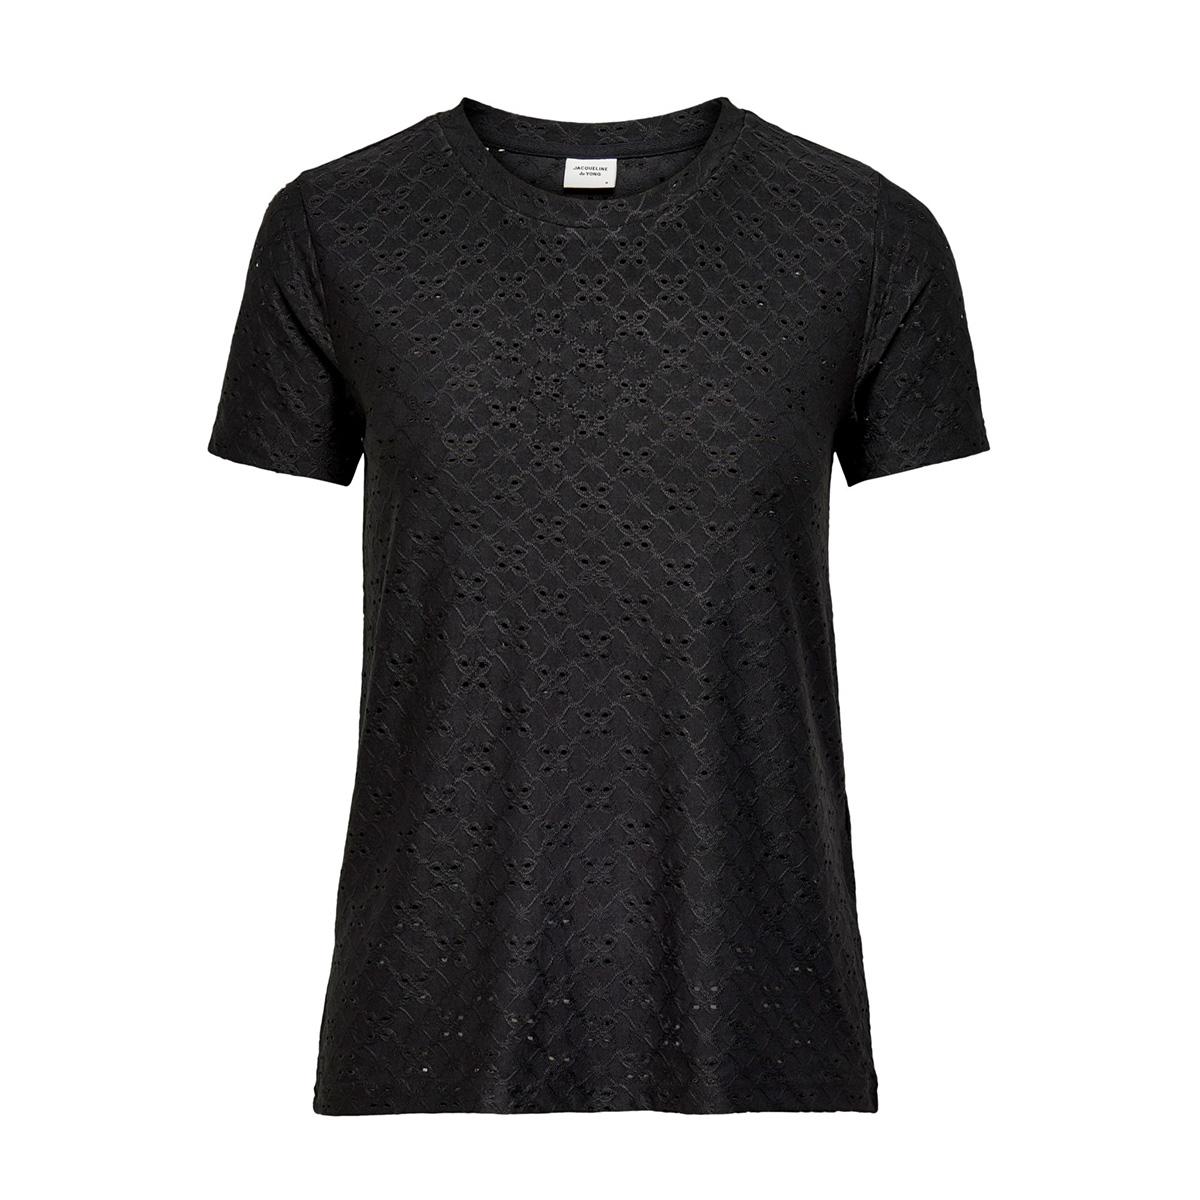 jdycathinka s/s tag top jrs rpt 1 15200907 jacqueline de yong t-shirt black